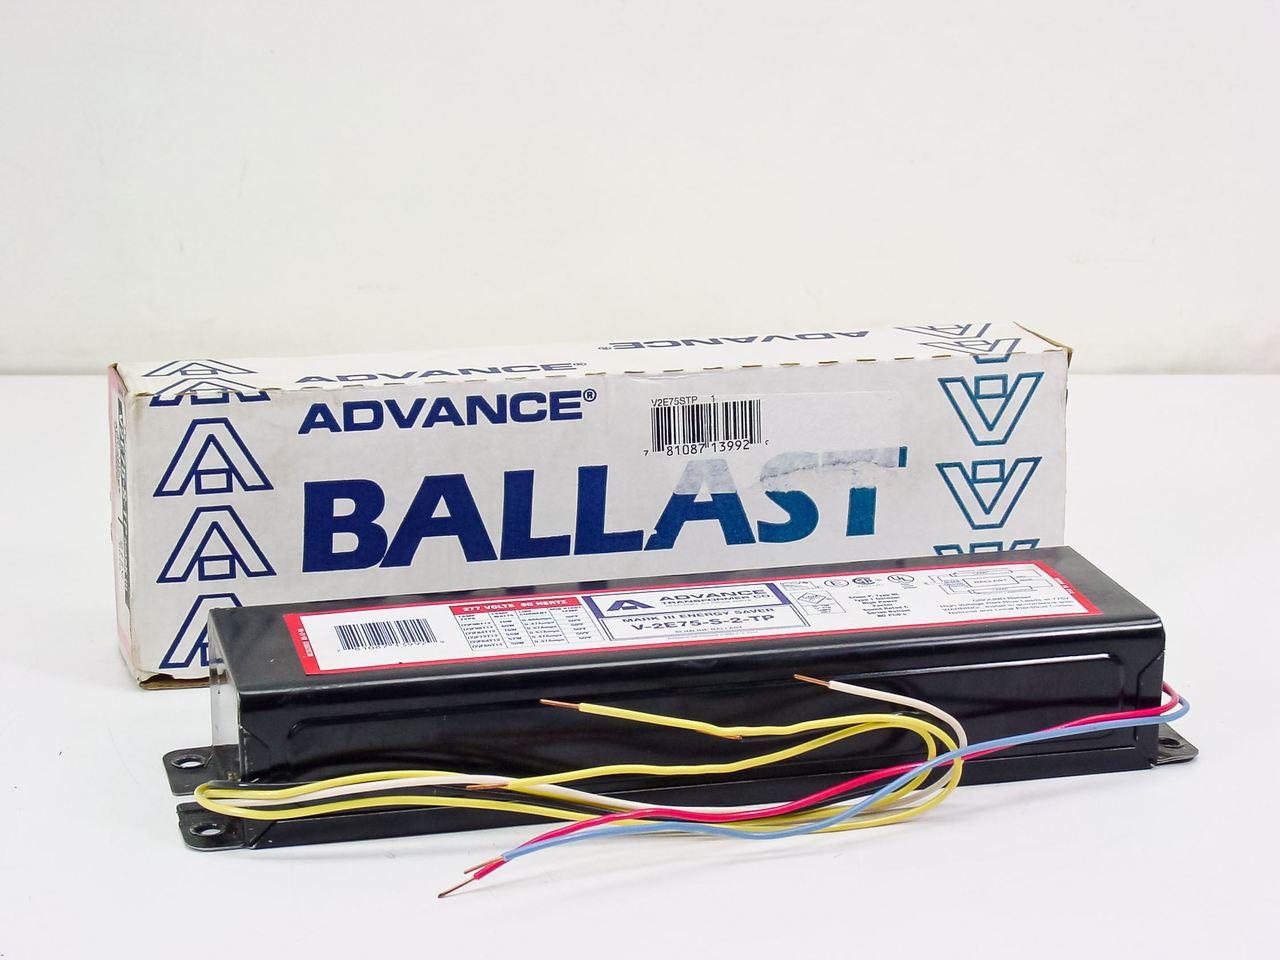 NEW ADVANCE BALLAST V2E75-S-TP BALLAST V2E75STP